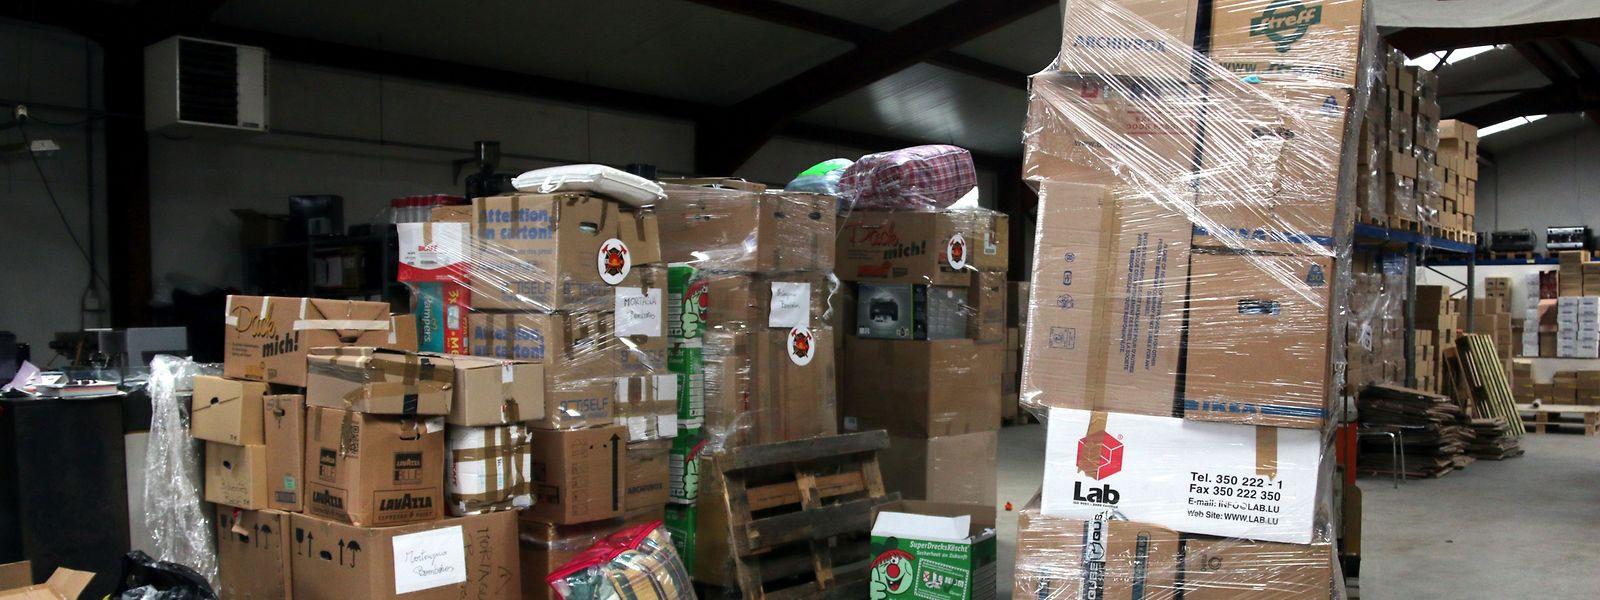 Várias toneladas de material e bens foram angariados em cinco dias e enviados para Portugal.